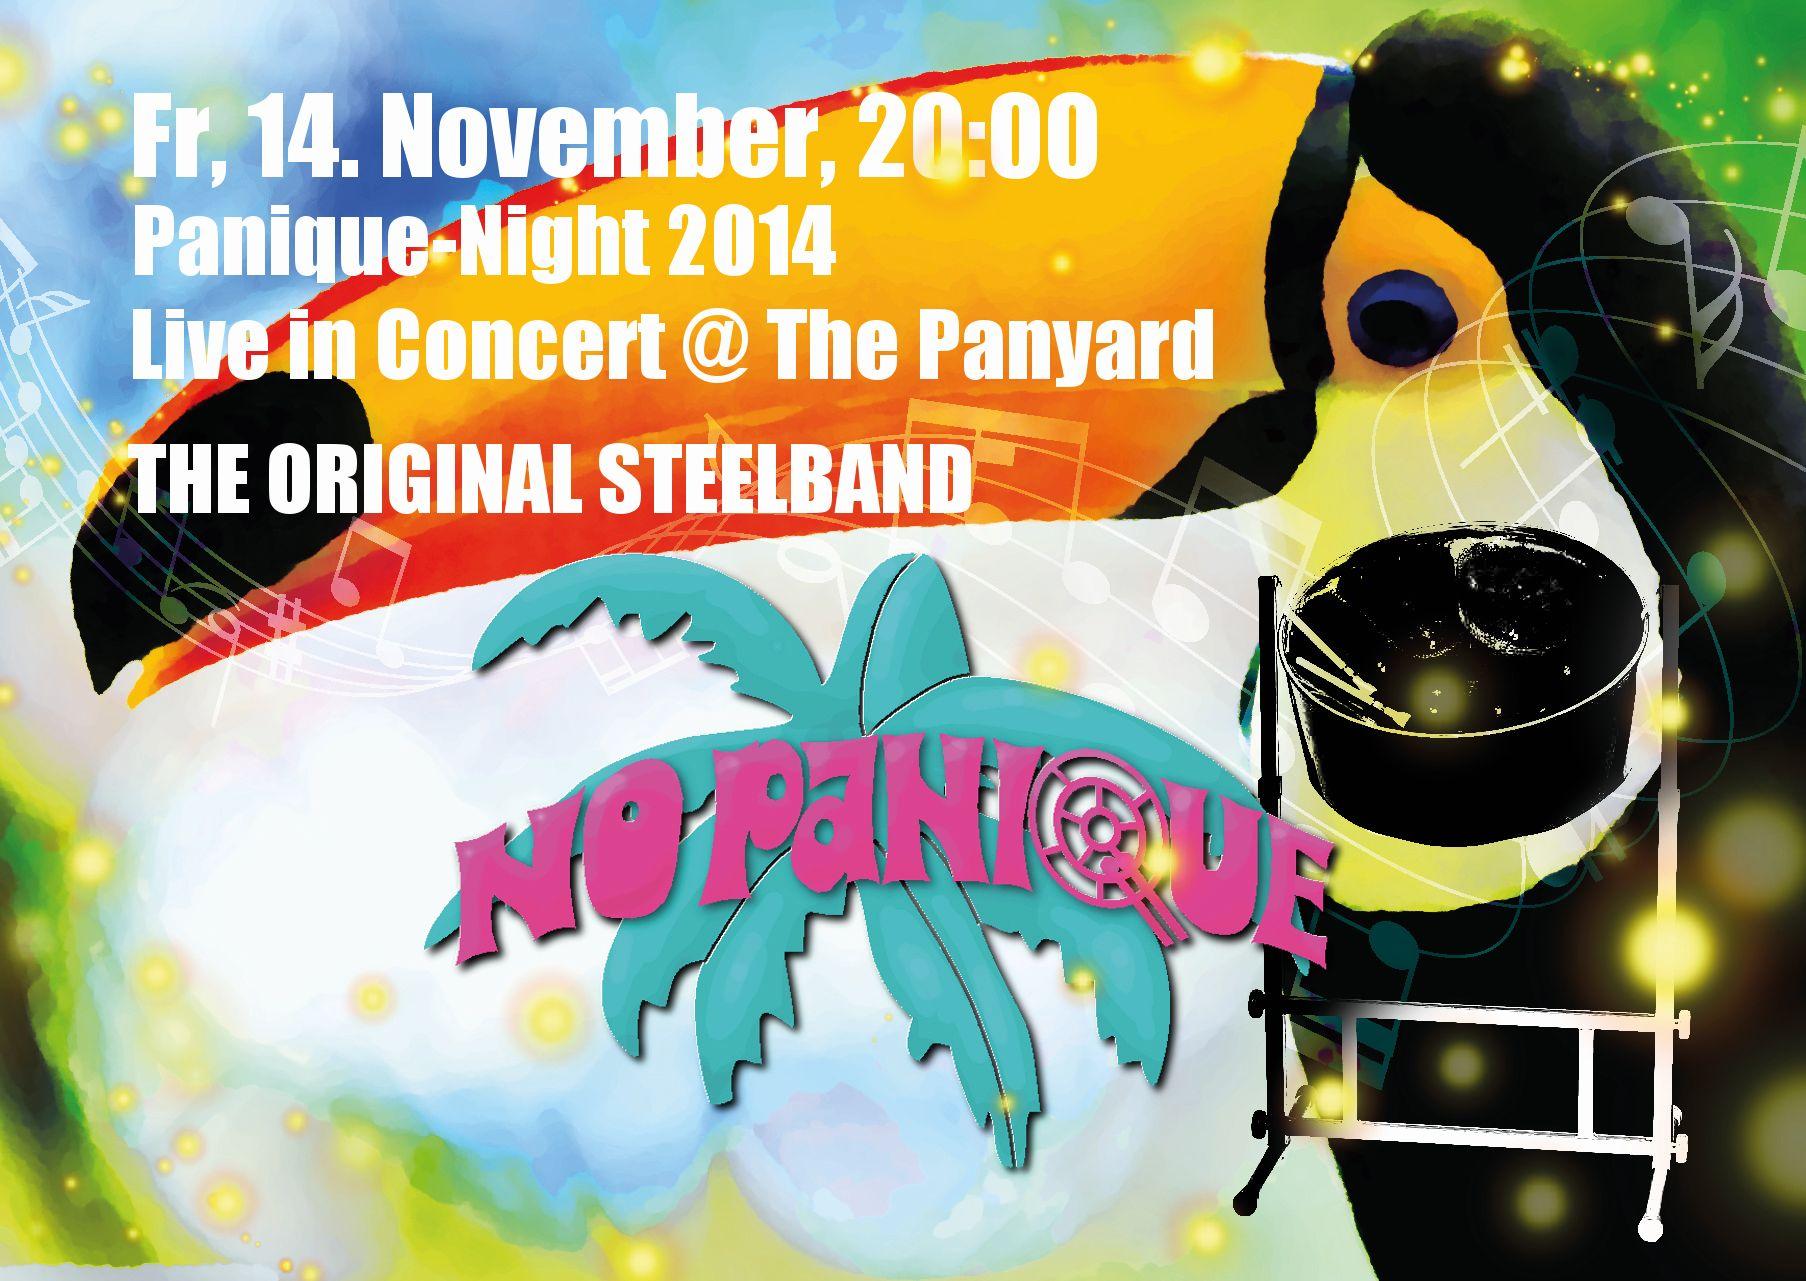 PaniqueNight am 14. November 2014 im PanYard, Bümp